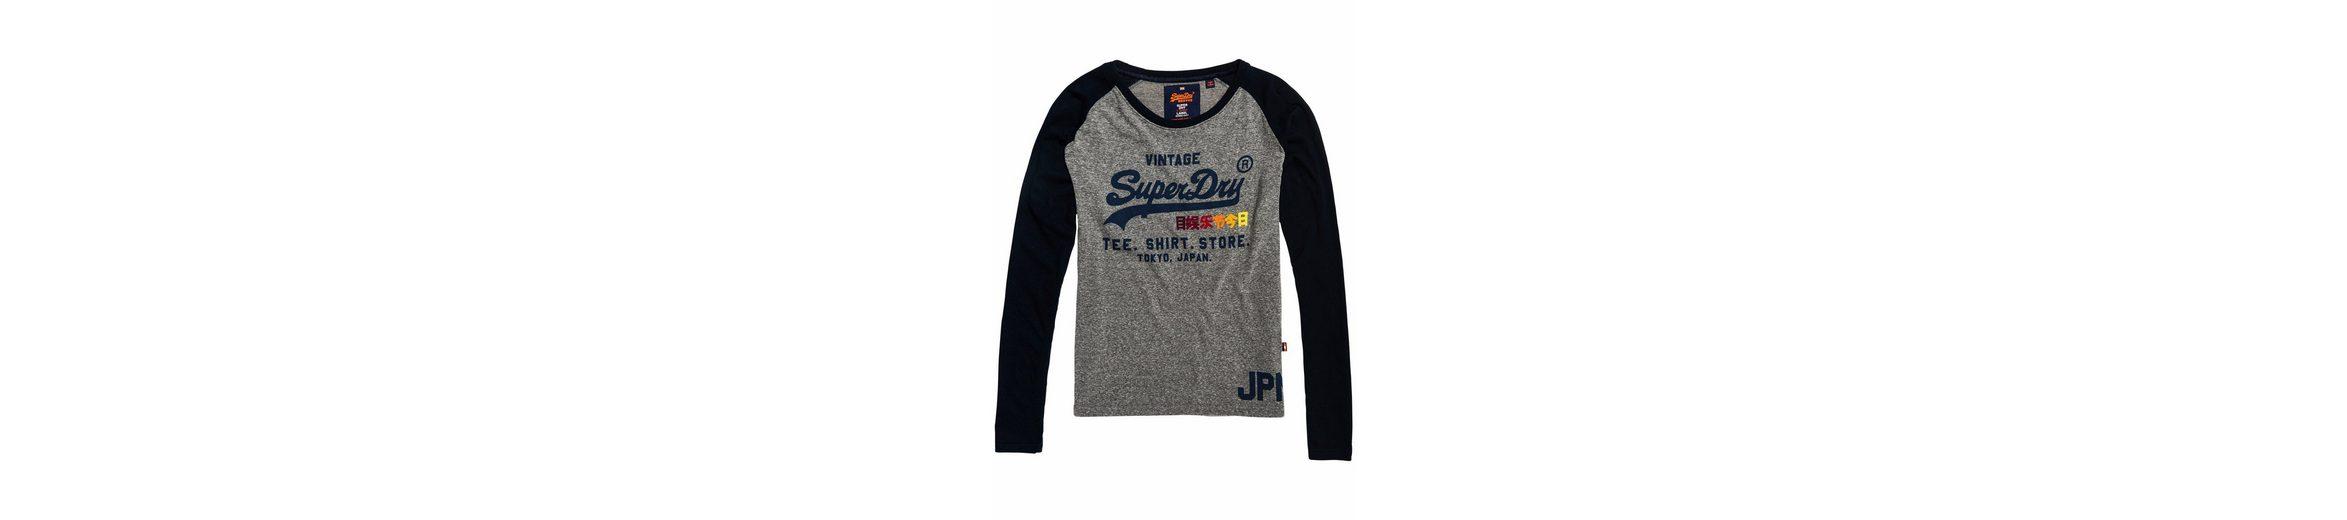 Superdry Langarmshirt SHIRT SHOP SURF RAGLAN L/S TEE Kaufen Sie Günstig Online Shop Für Verkauf Outlet Neueste Rabatt Exklusiv Billig Store bI2RM